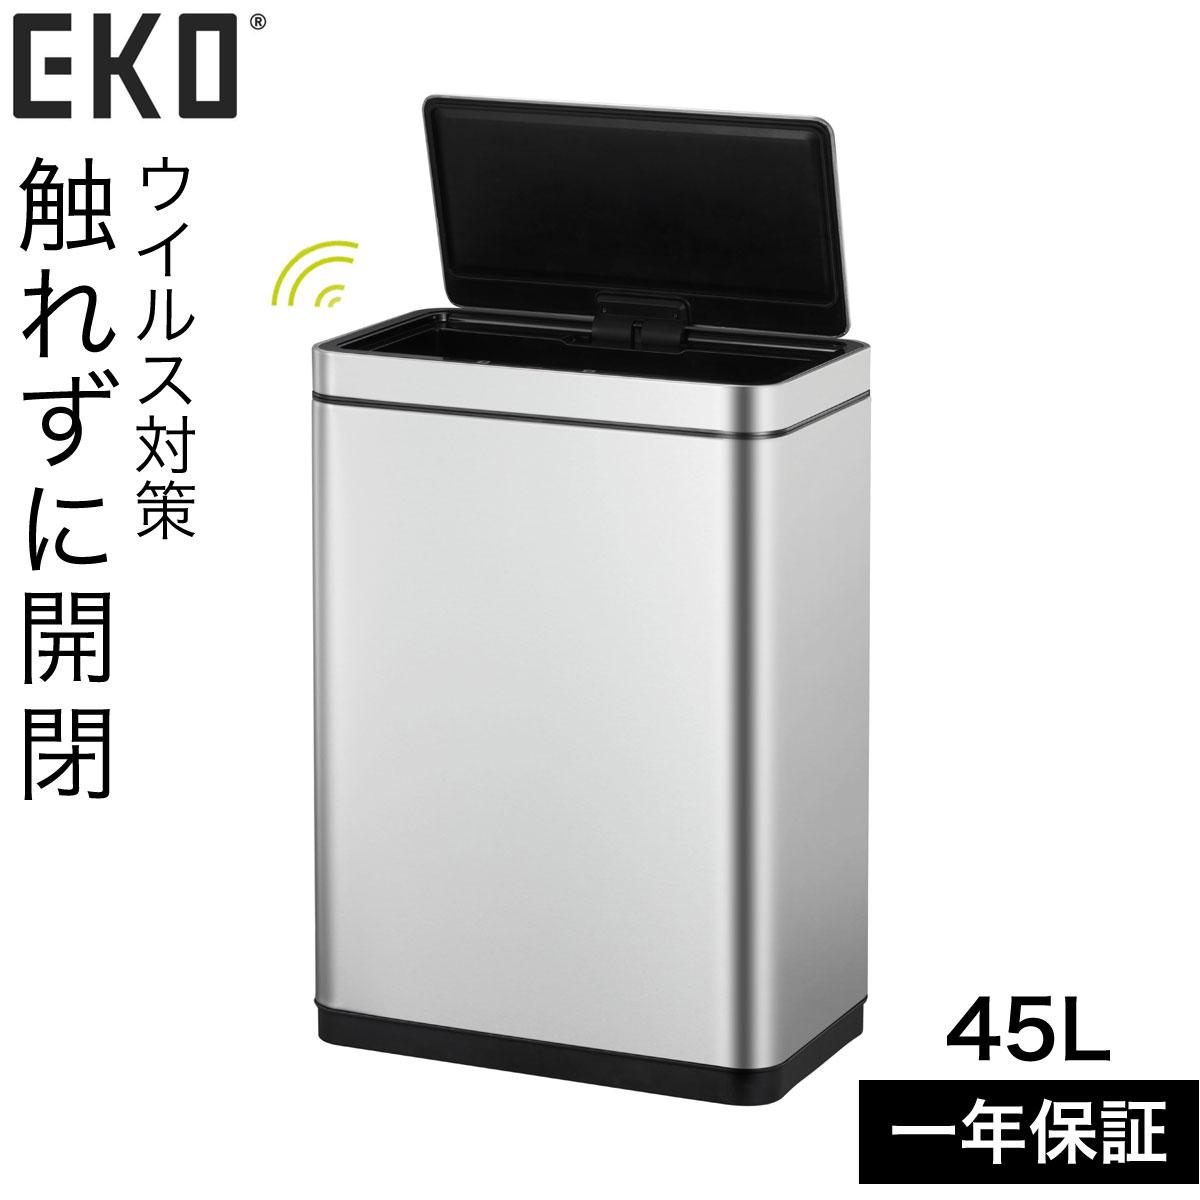 センサーで手を触れずに開け閉めできるダストボックス 引き出物 ゴミ箱 ごみ箱 EKO 45リットル キッチン スリム ステンレス 45L おしゃれ センサー式 メーカー直送 品質保証 デラックスミラージュセンサー式ビン